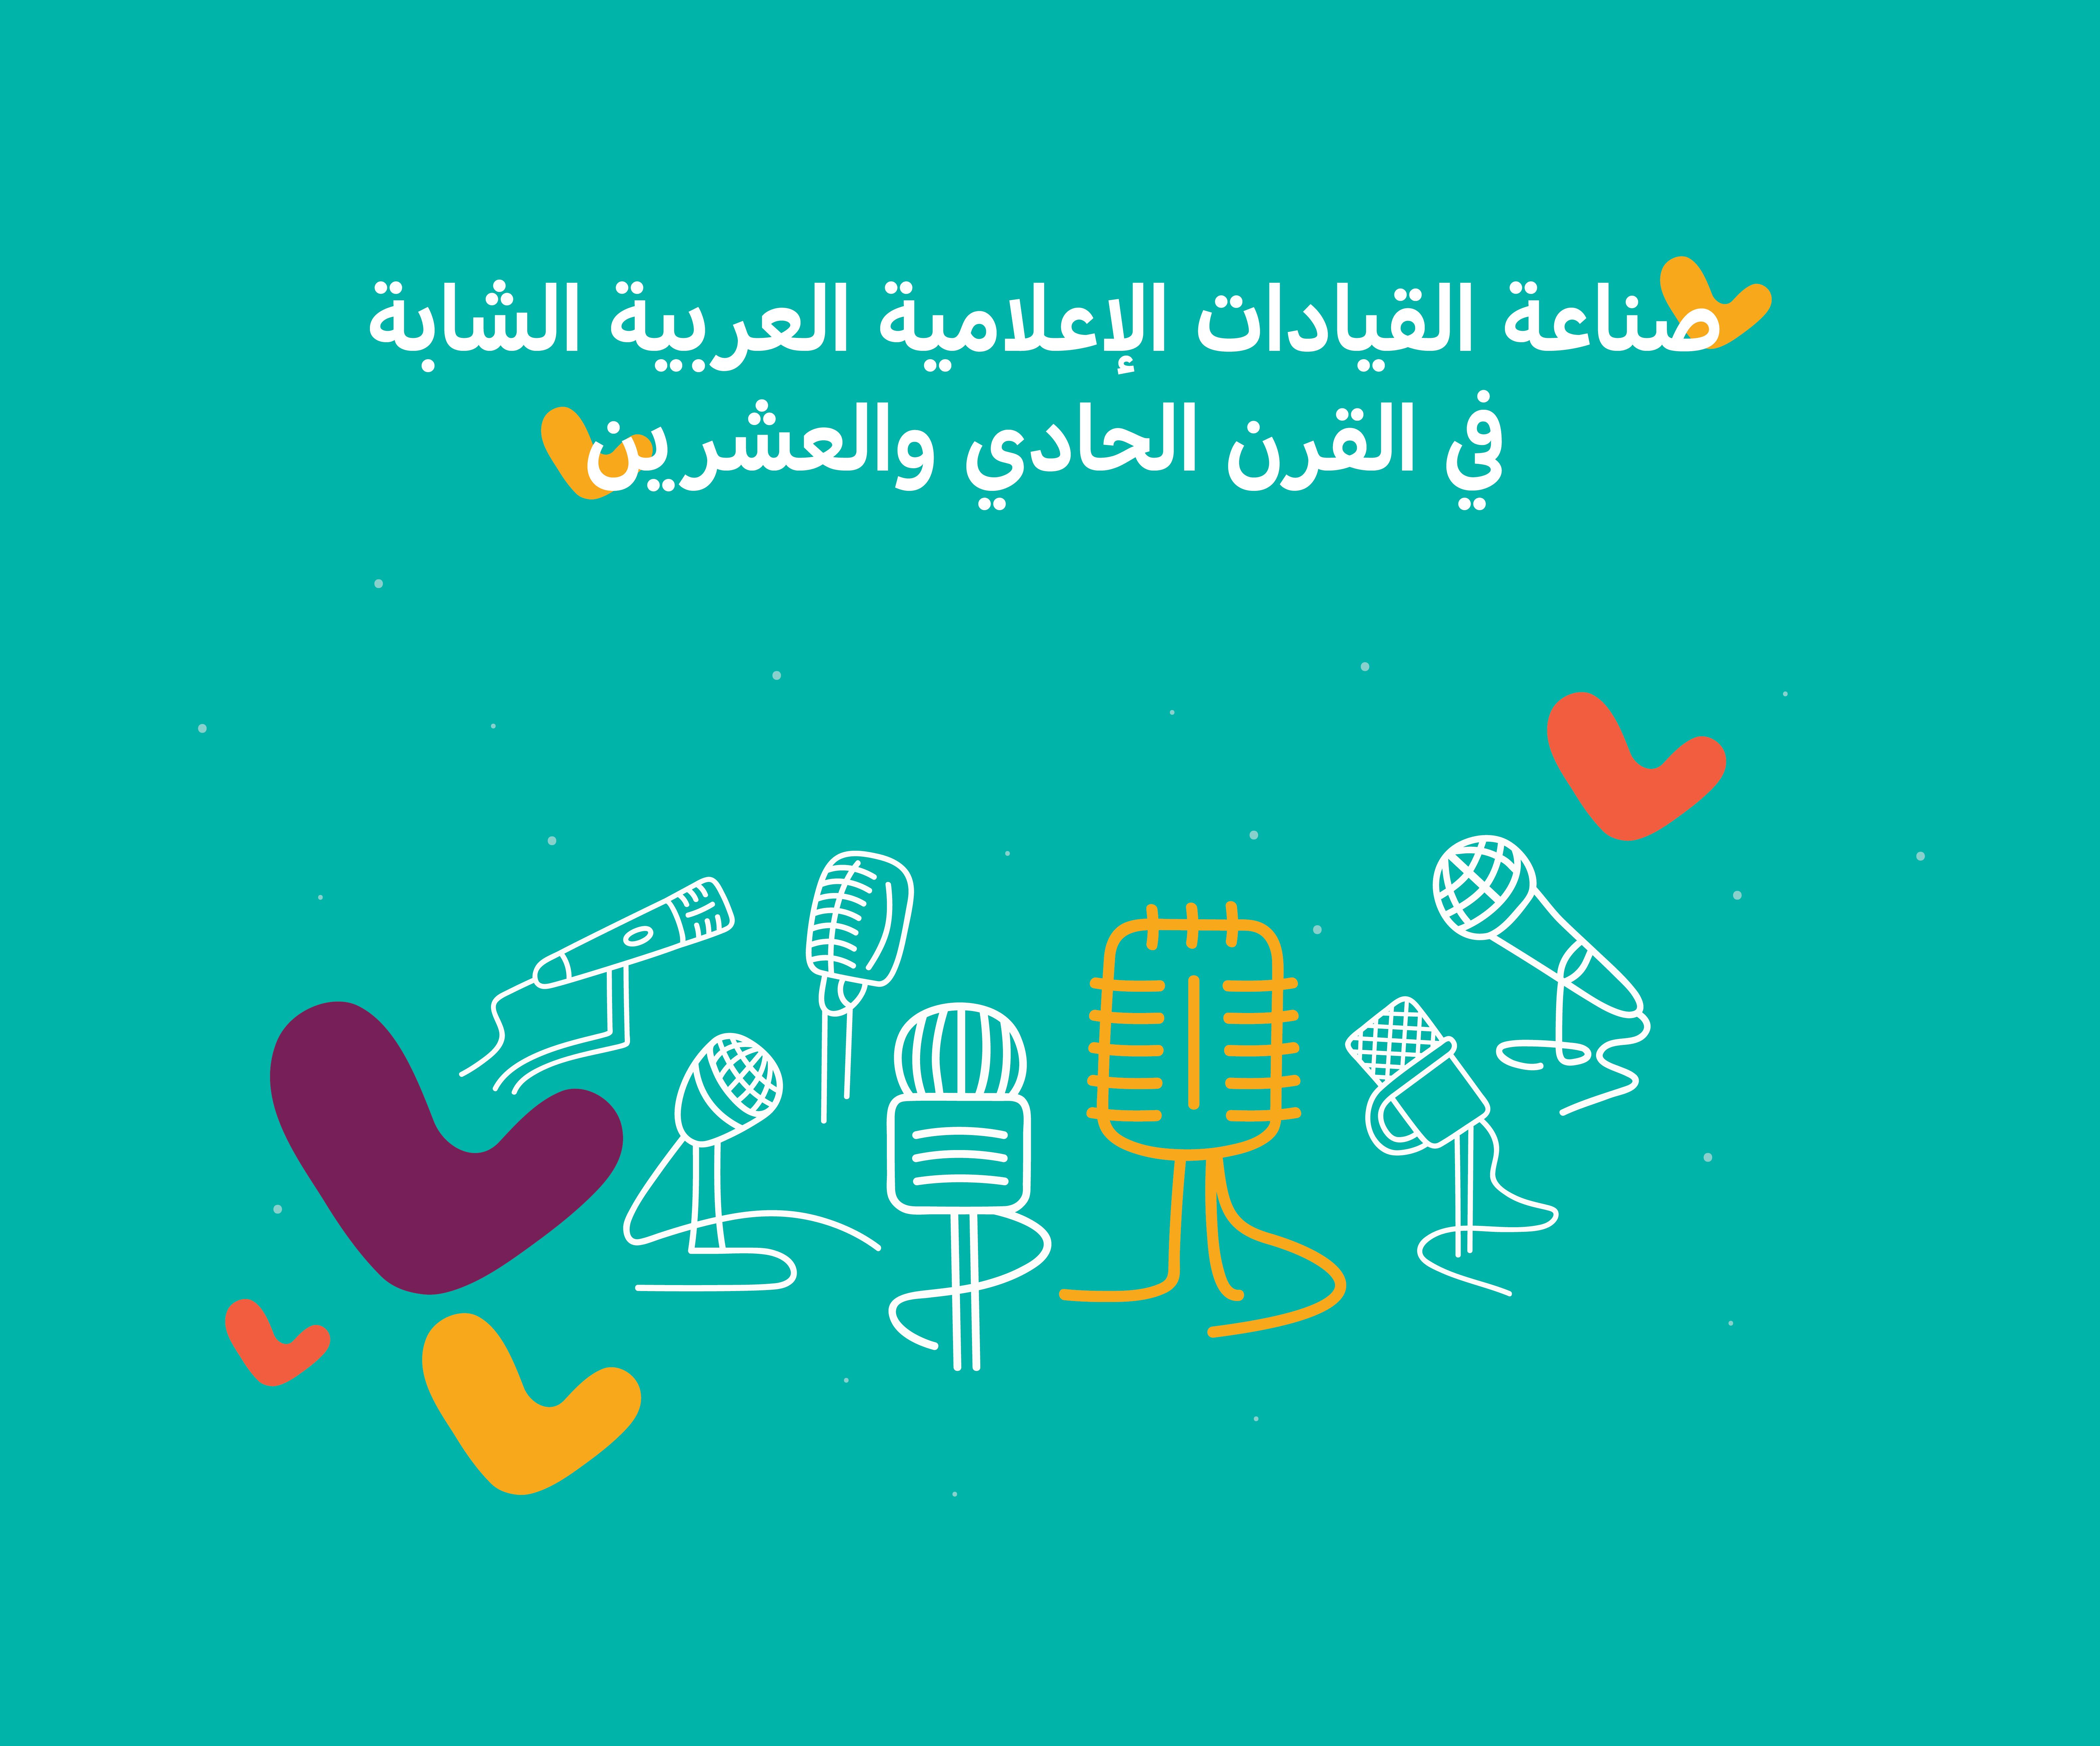 صناعة القيادات الإعلامية العربية الشابة في القرن الحادي والعشرين